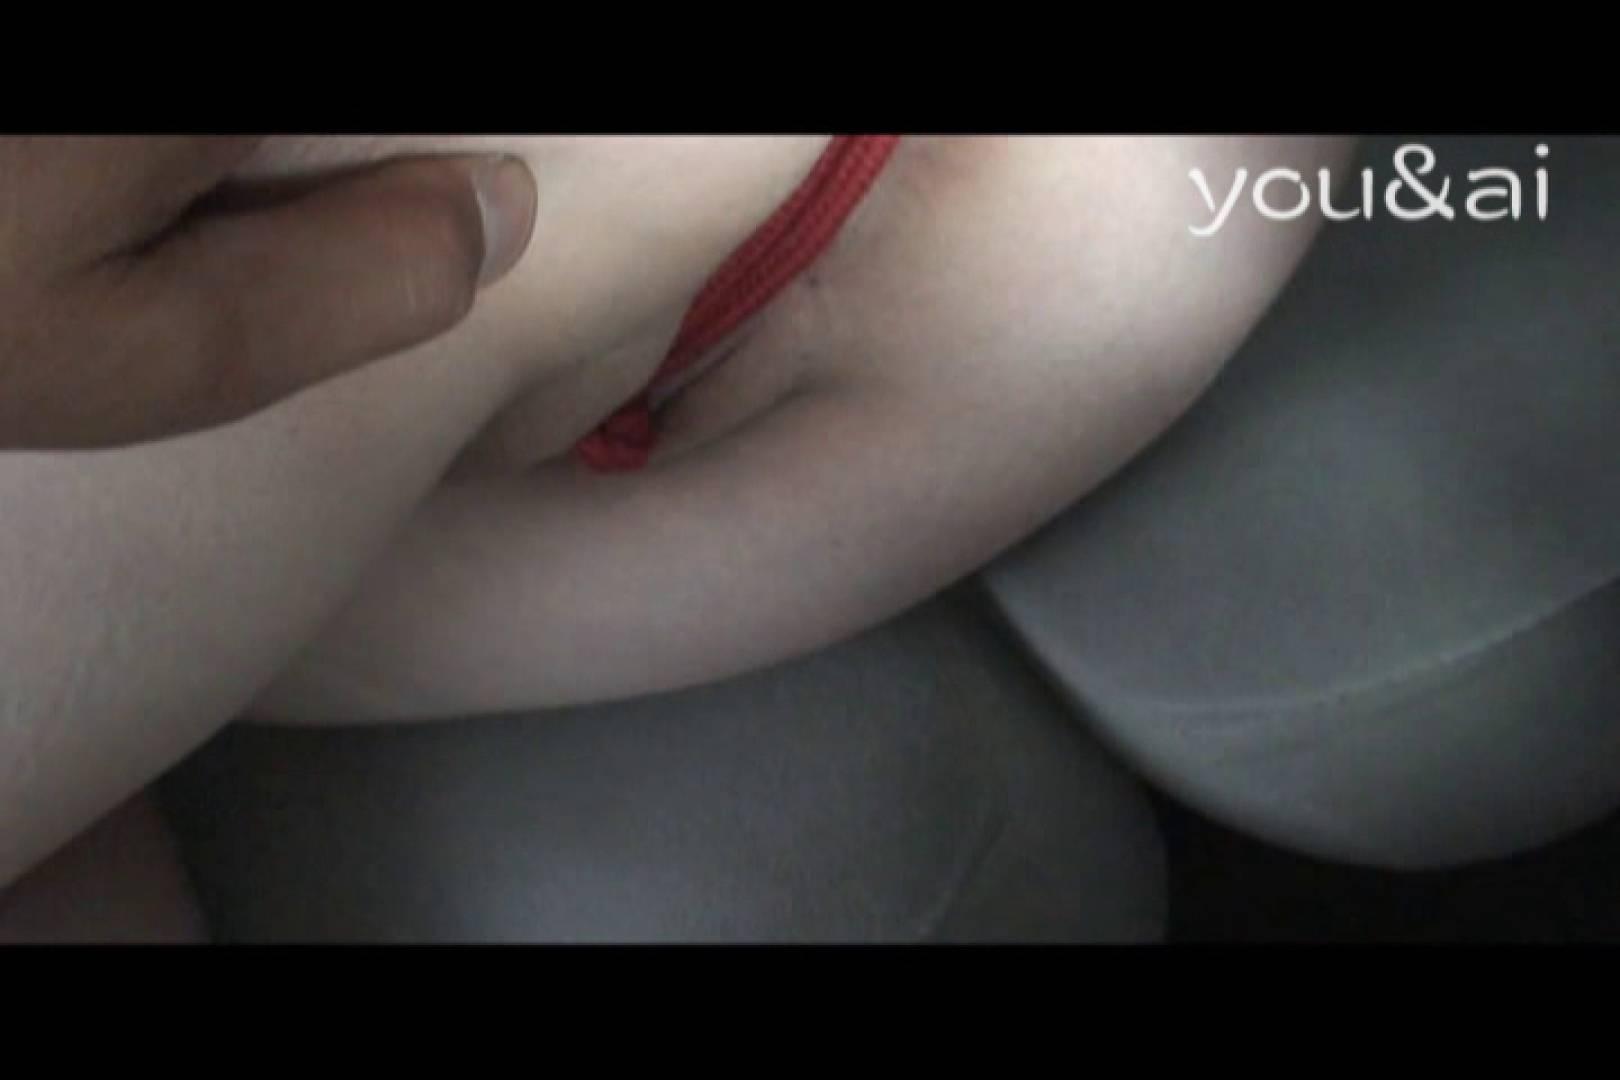 おしどり夫婦のyou&aiさん投稿作品vol.4 OLのエロ生活 ヌード画像 53連発 9